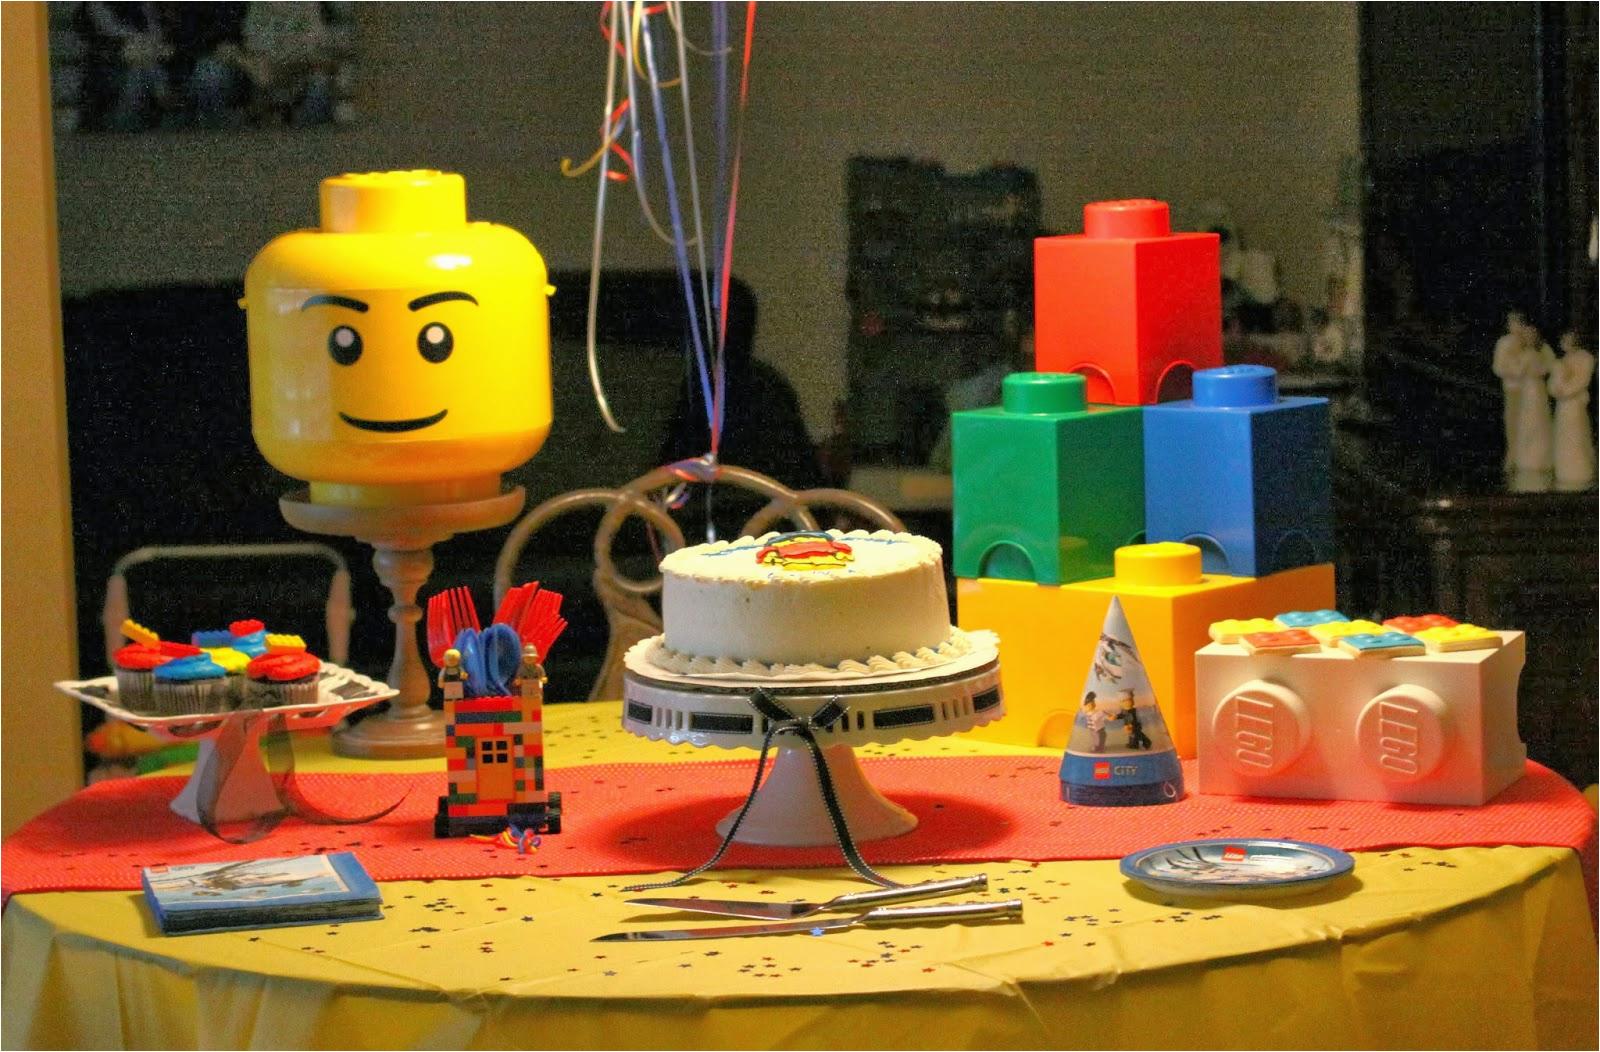 gavins lego birthday party